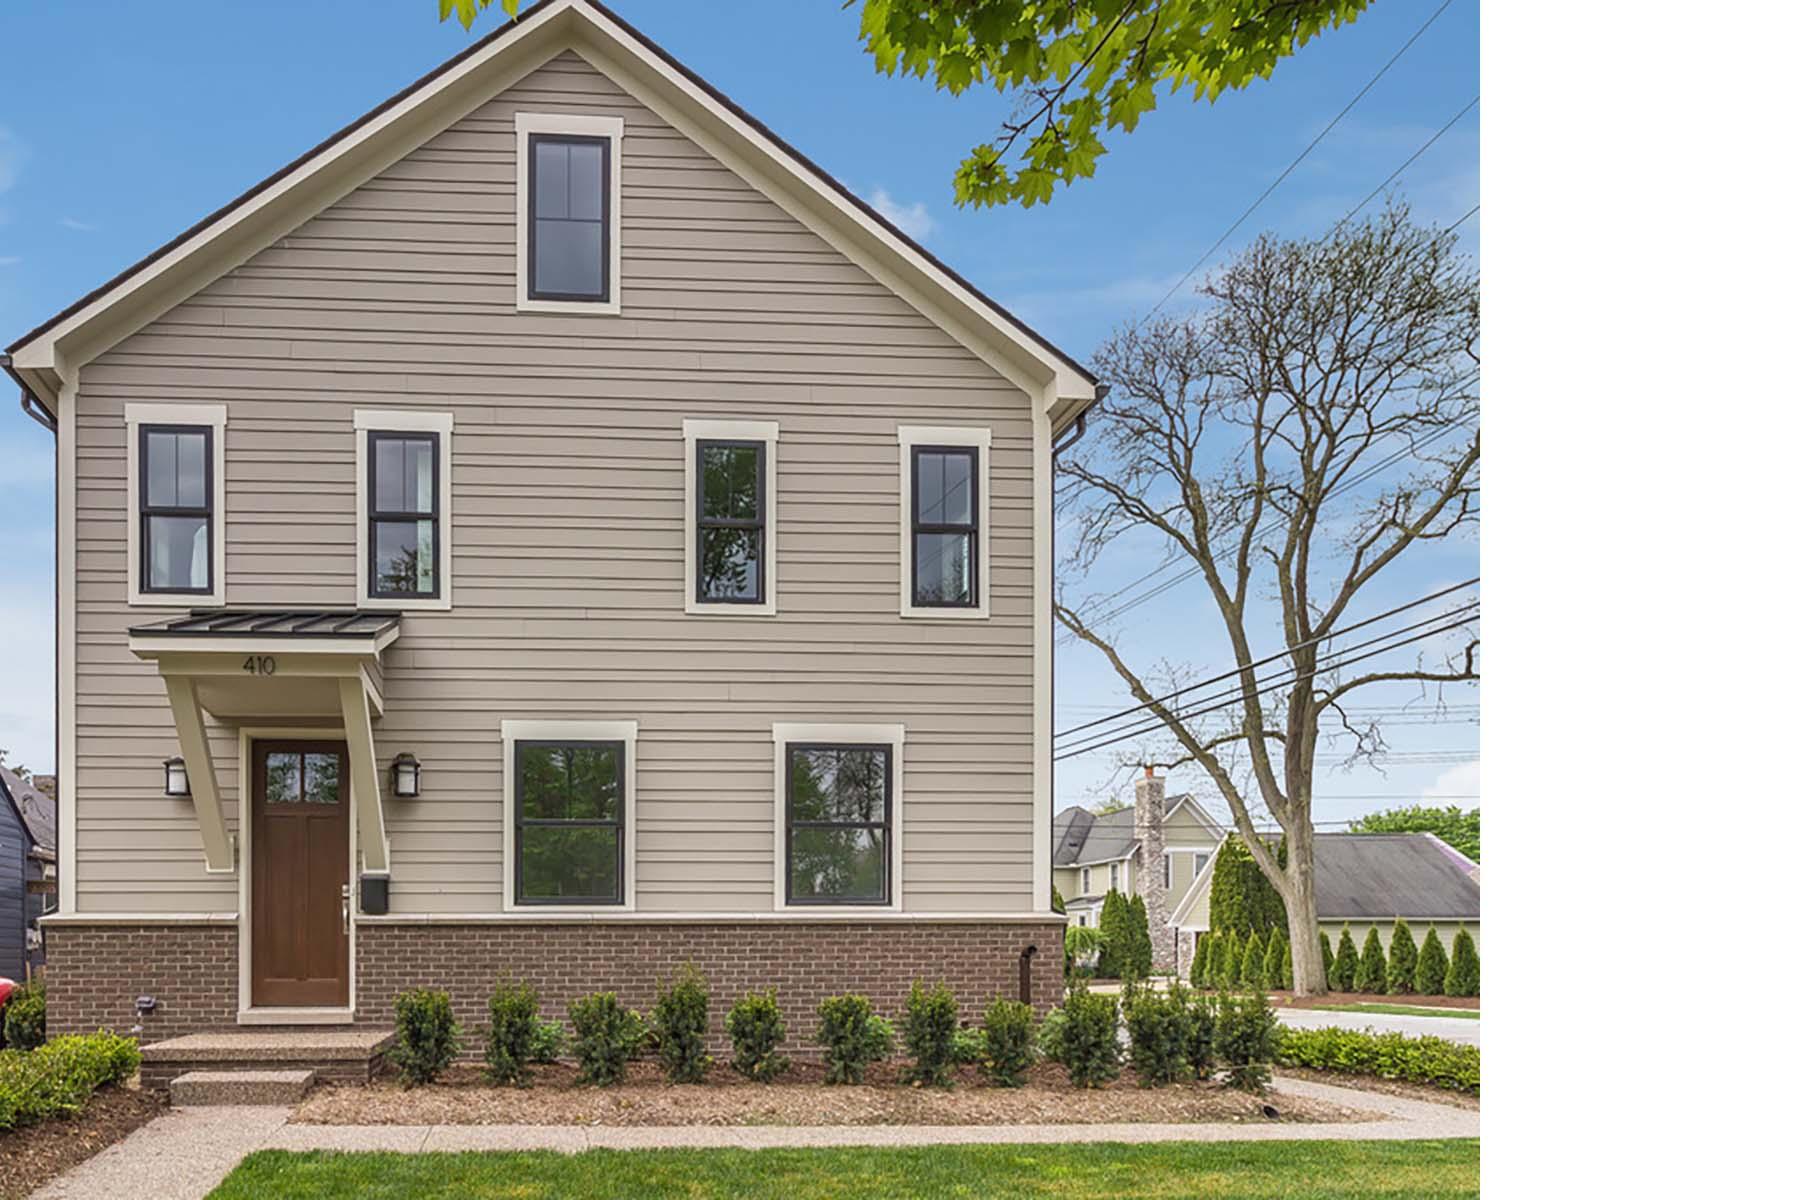 独户住宅 为 销售 在 Birmingham 410 Bennaville Avenue 伯明翰, 密歇根州, 48009 美国